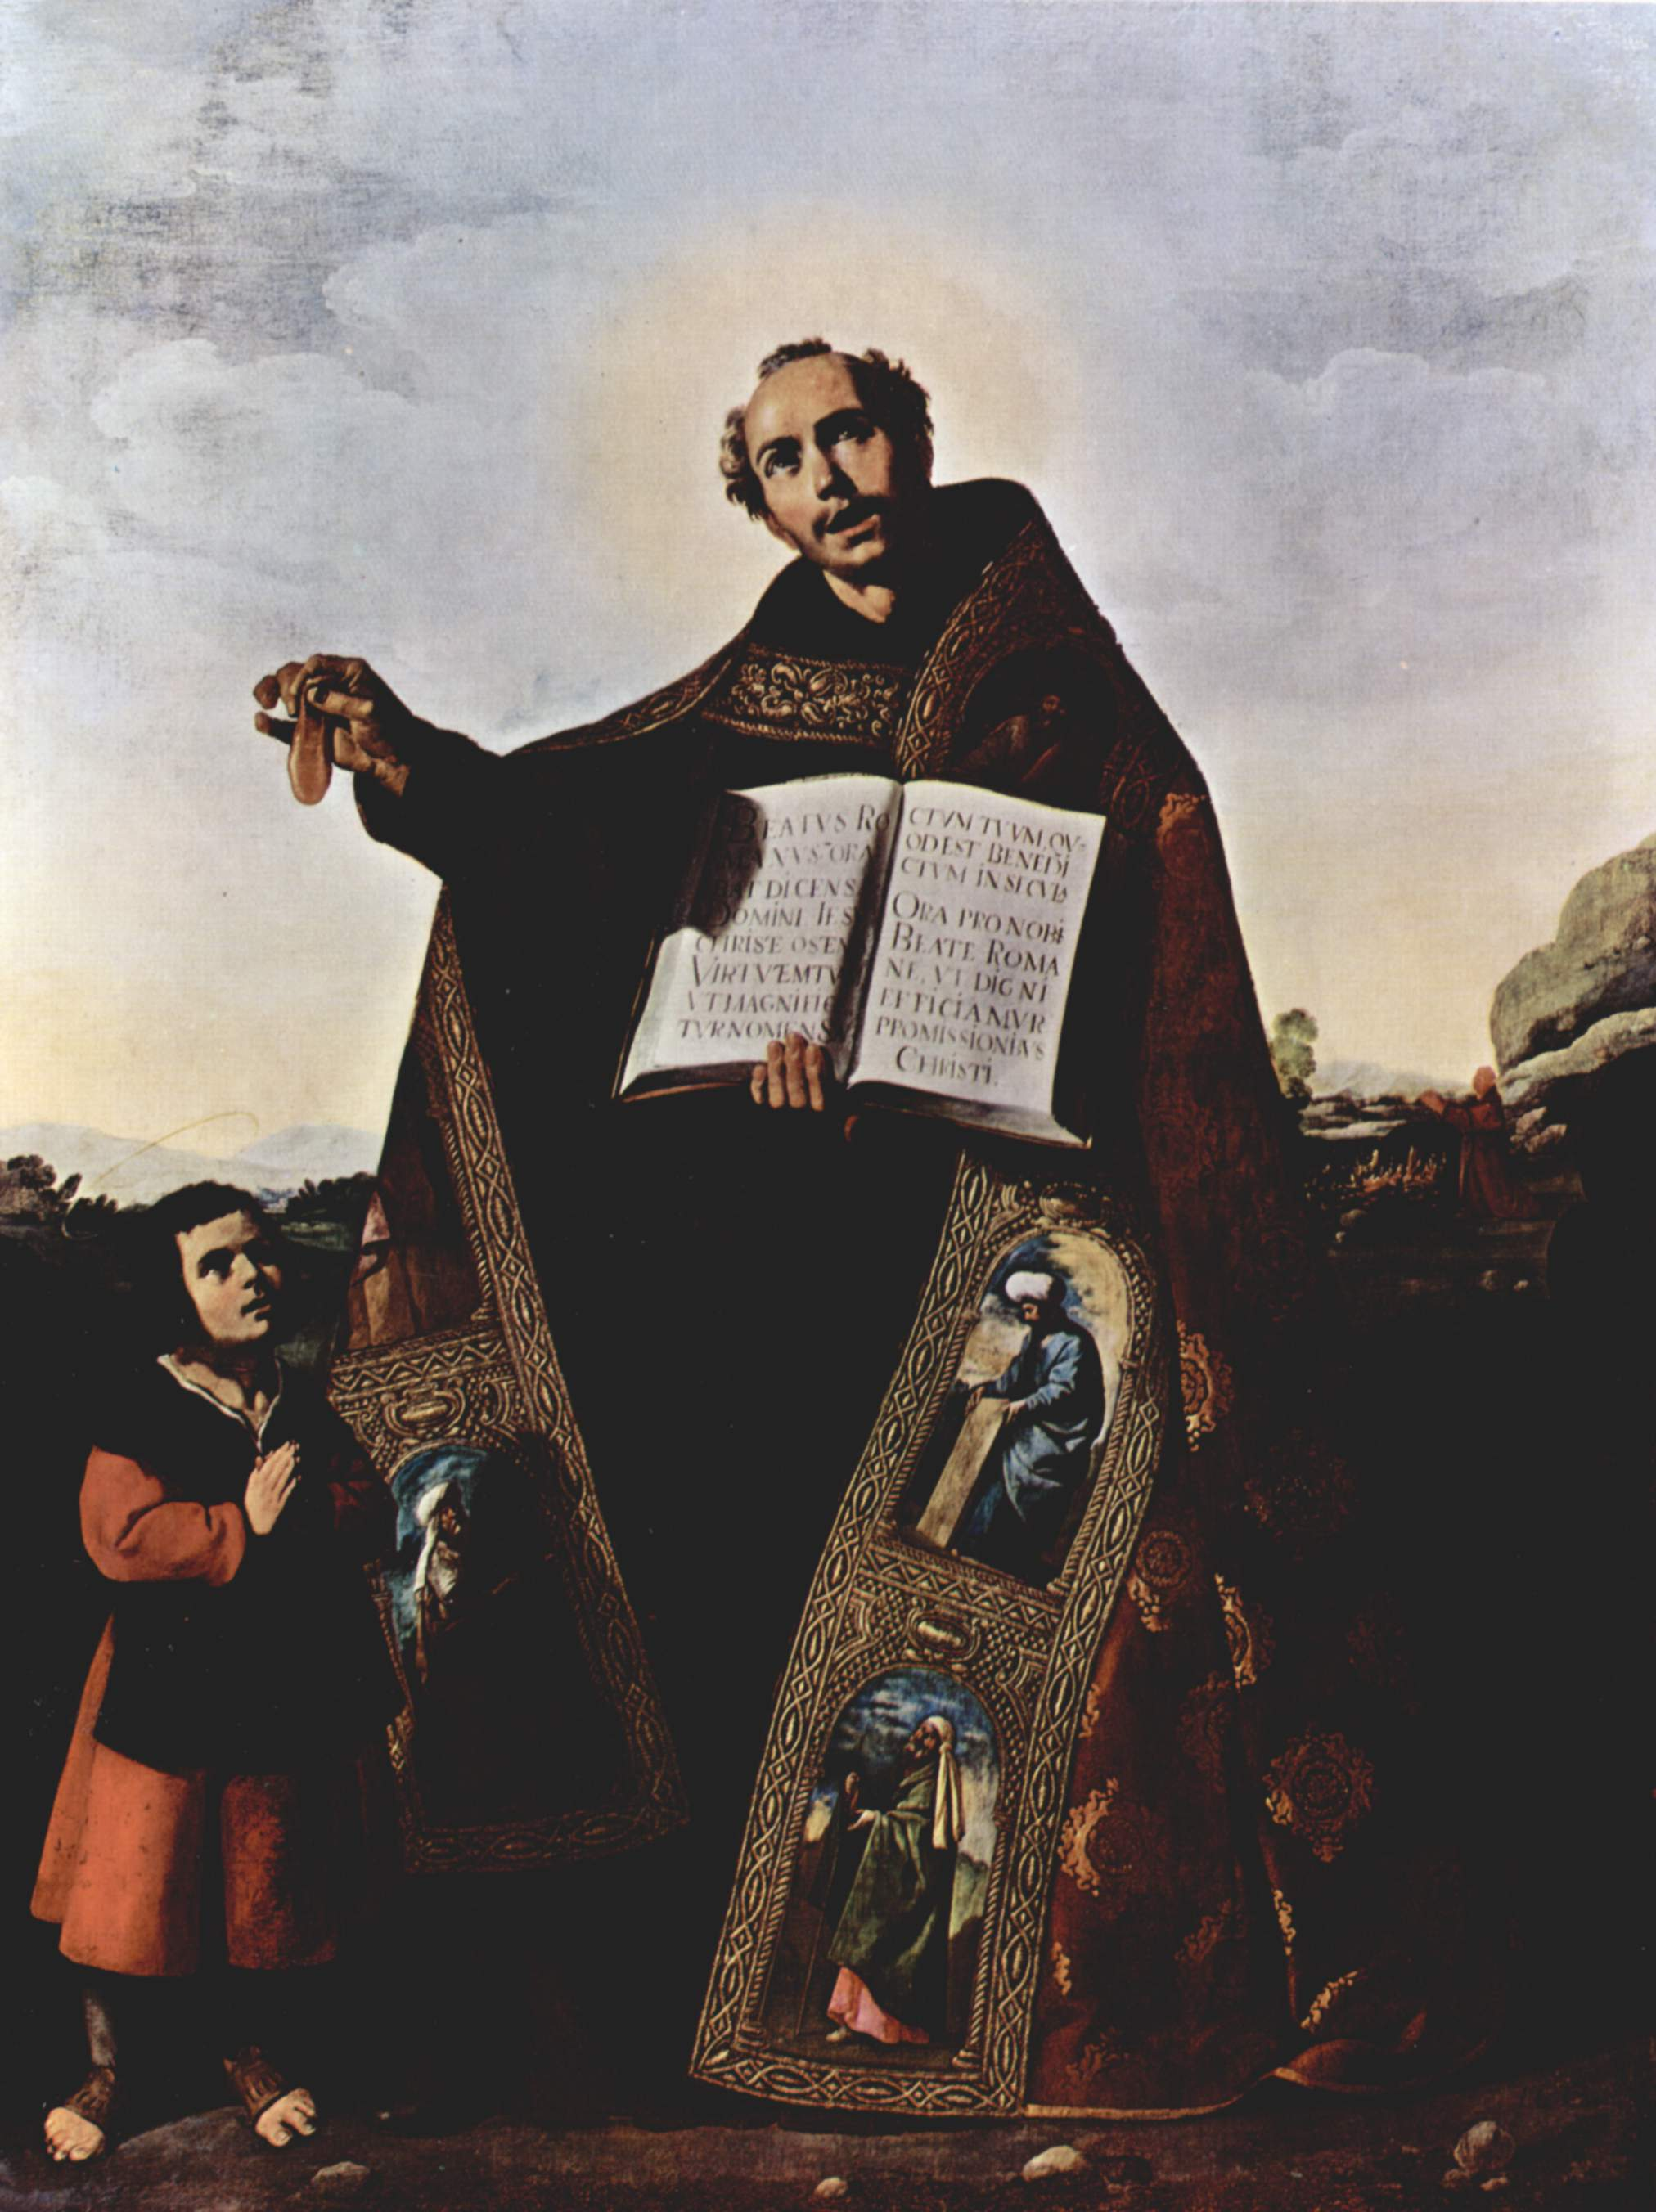 Francisco de Zurbarán (1598-1664): Romanus og Barulas (1638), opprinnelig for San Román i Sevilla, nå i Art Institute i Chicago